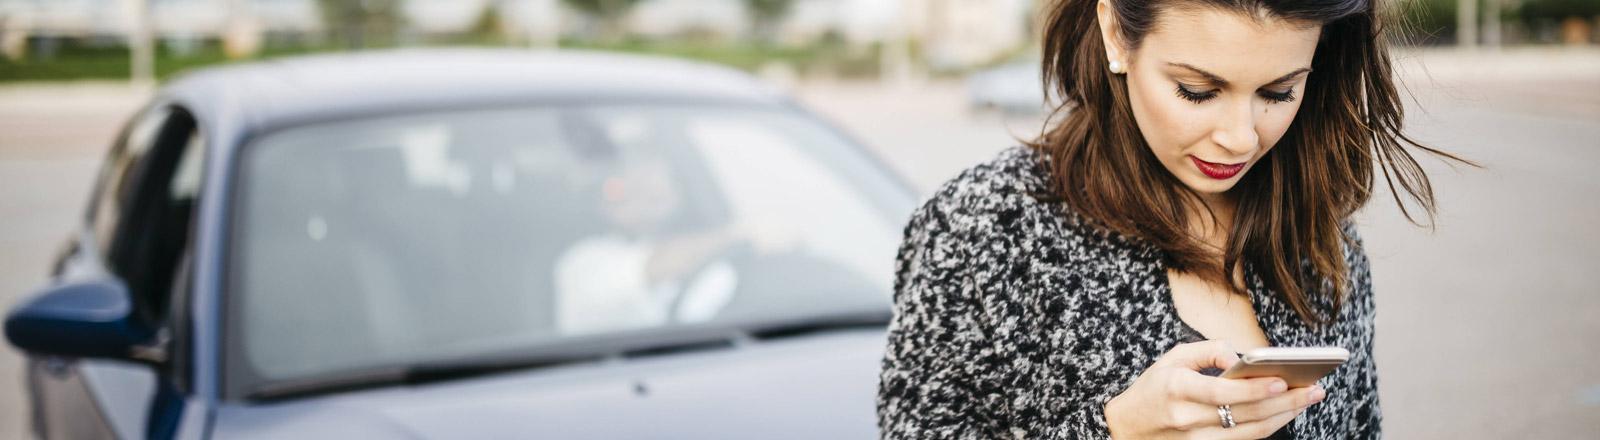 Eine Frau mit Smartphone in der Hand vor einem Auto